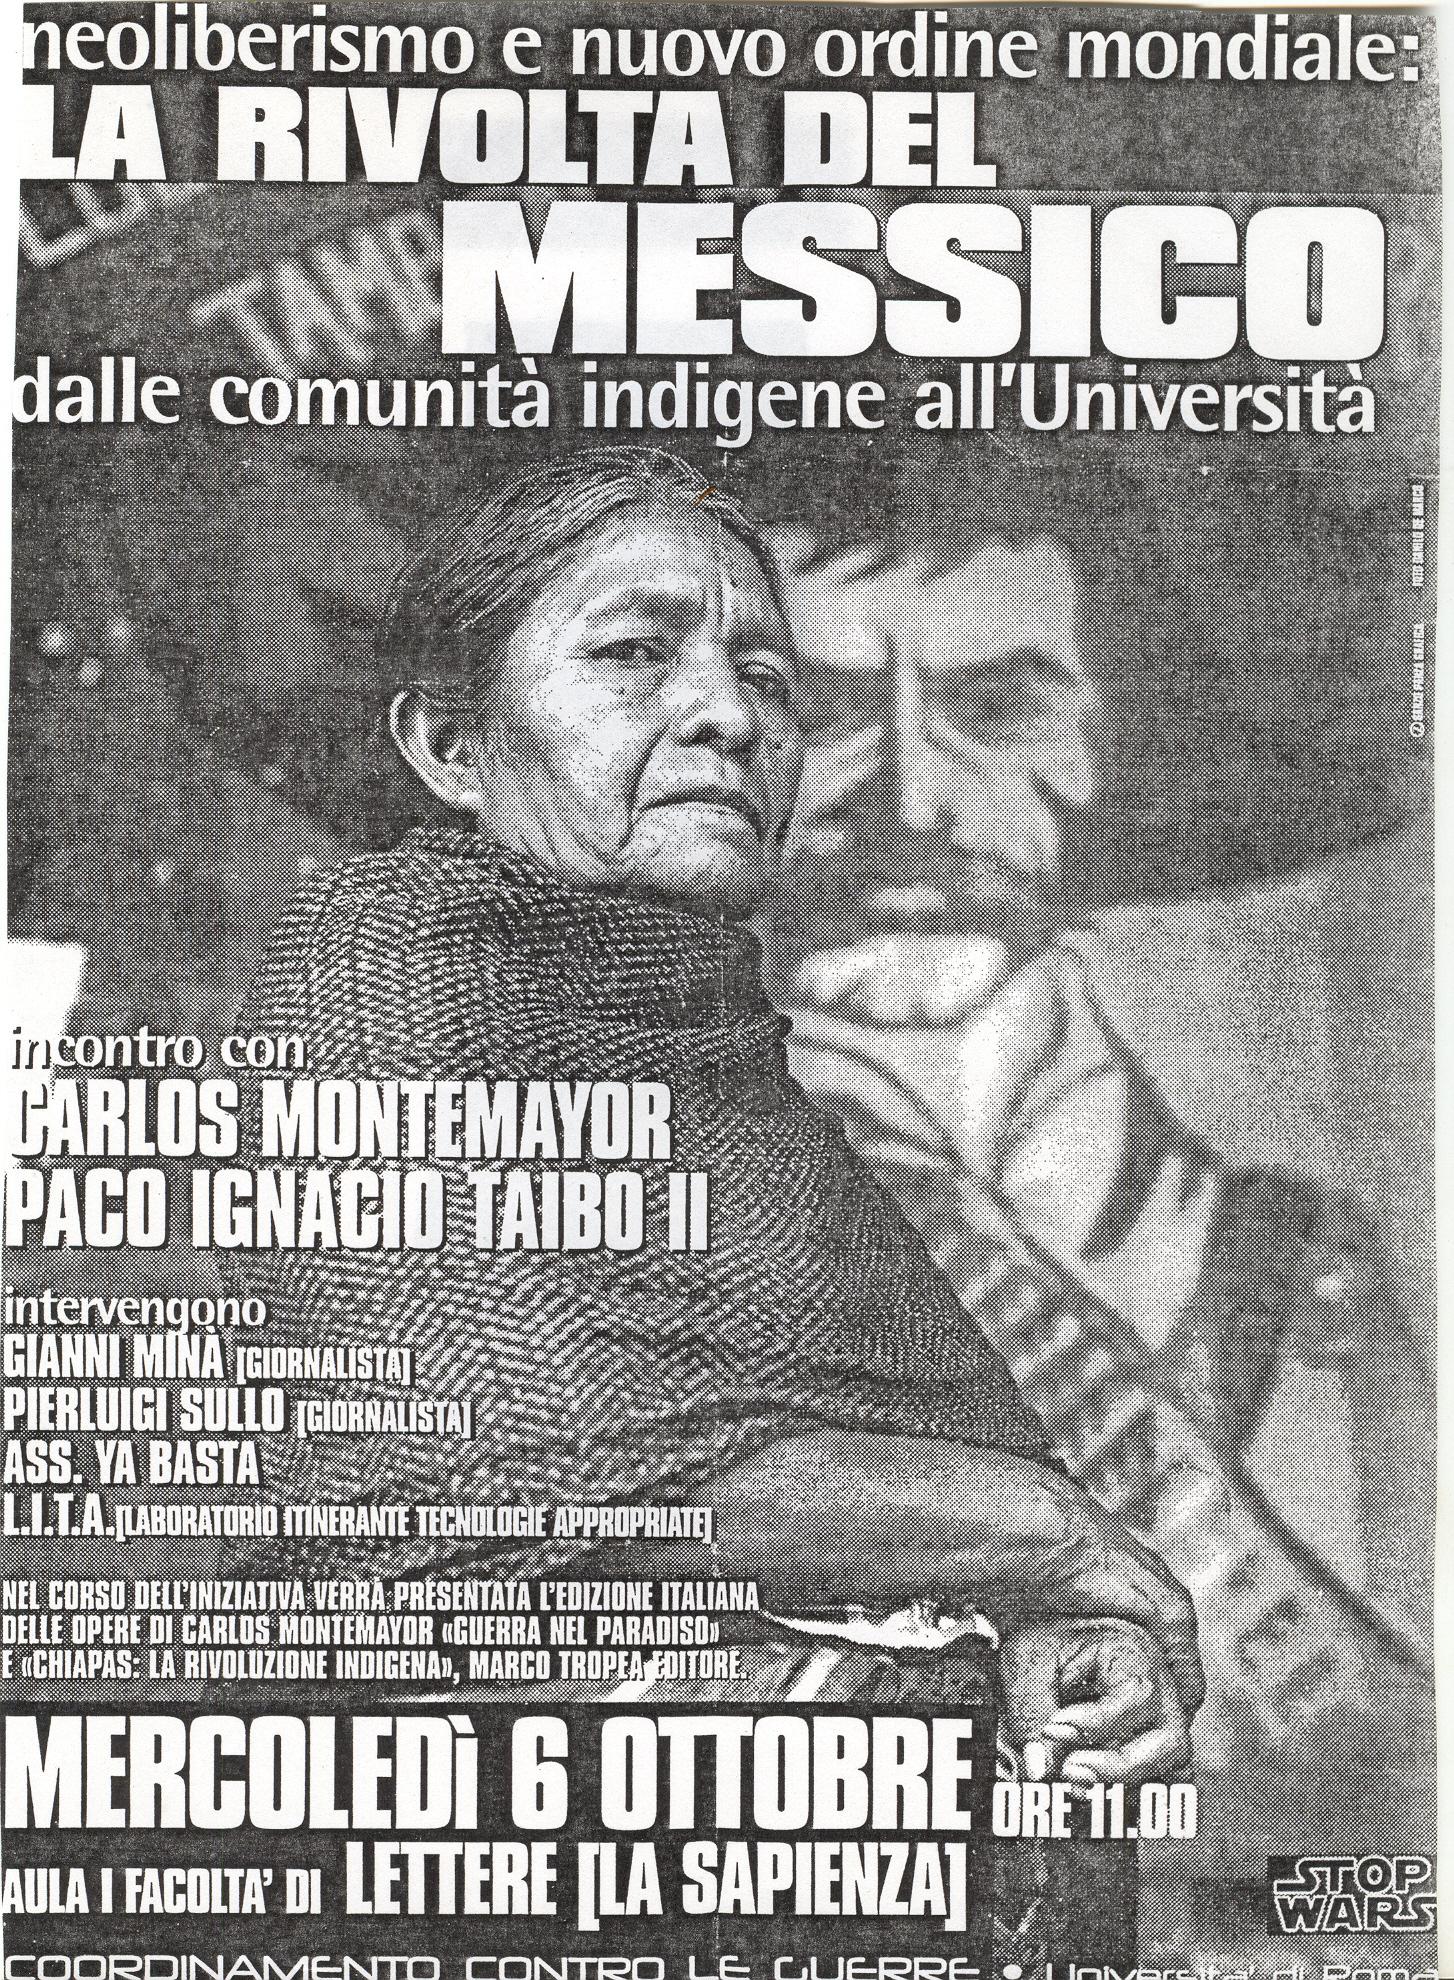 Hzm.=Cartel  encuentro  Montemayor y Taibo Roma